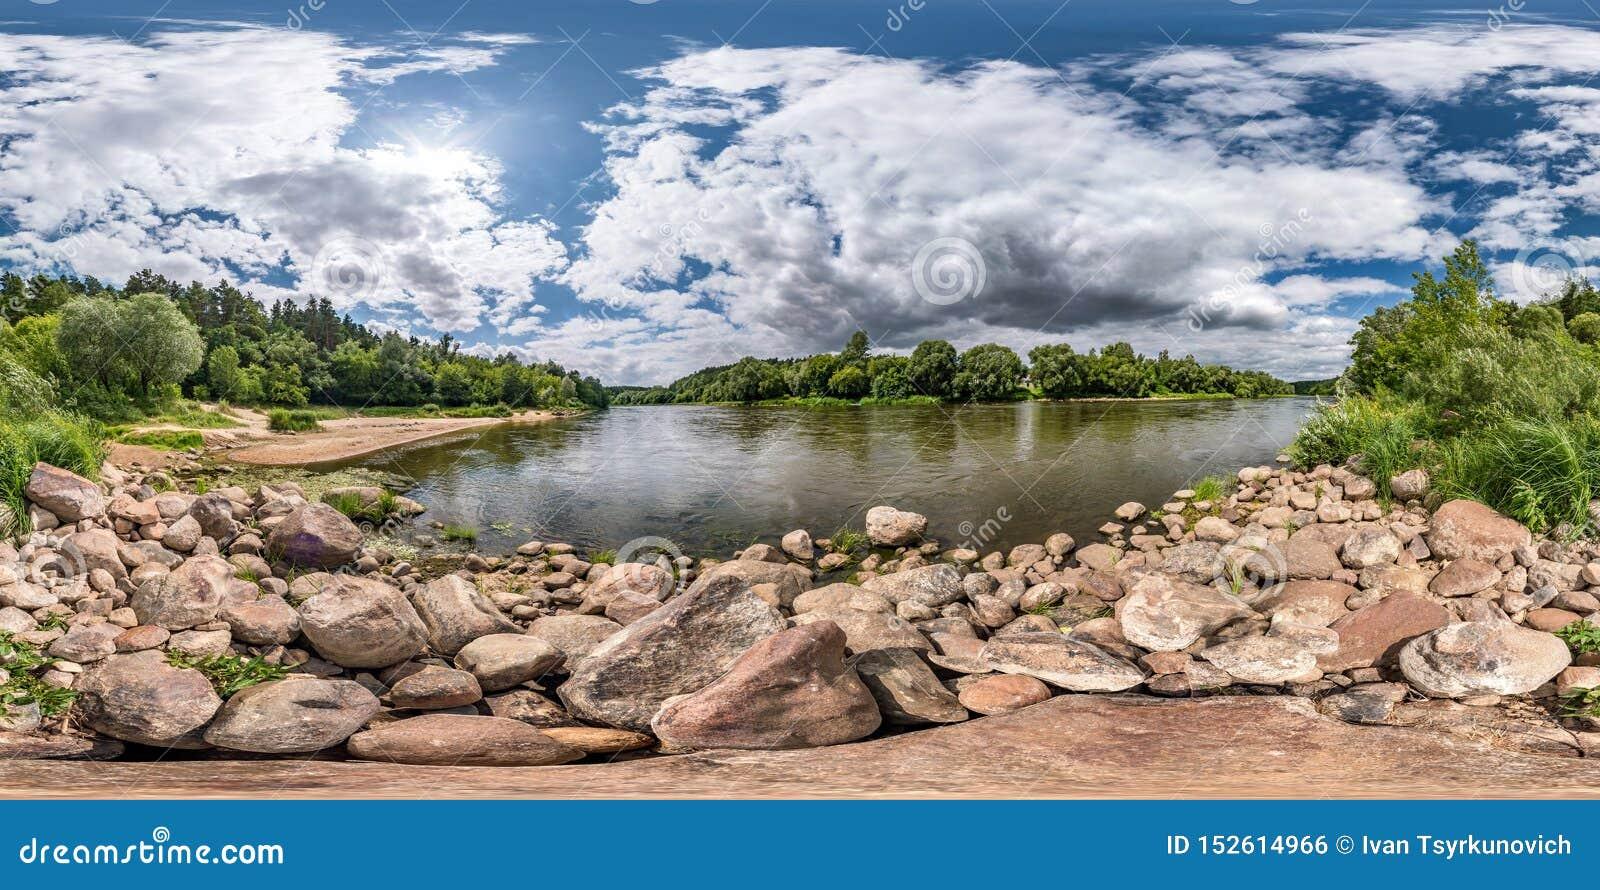 Full sfärisk sömlös hdripanorama 360 grader vinkelsikt på stenig kust av den enorma floden i solig sommardag och blåsväder